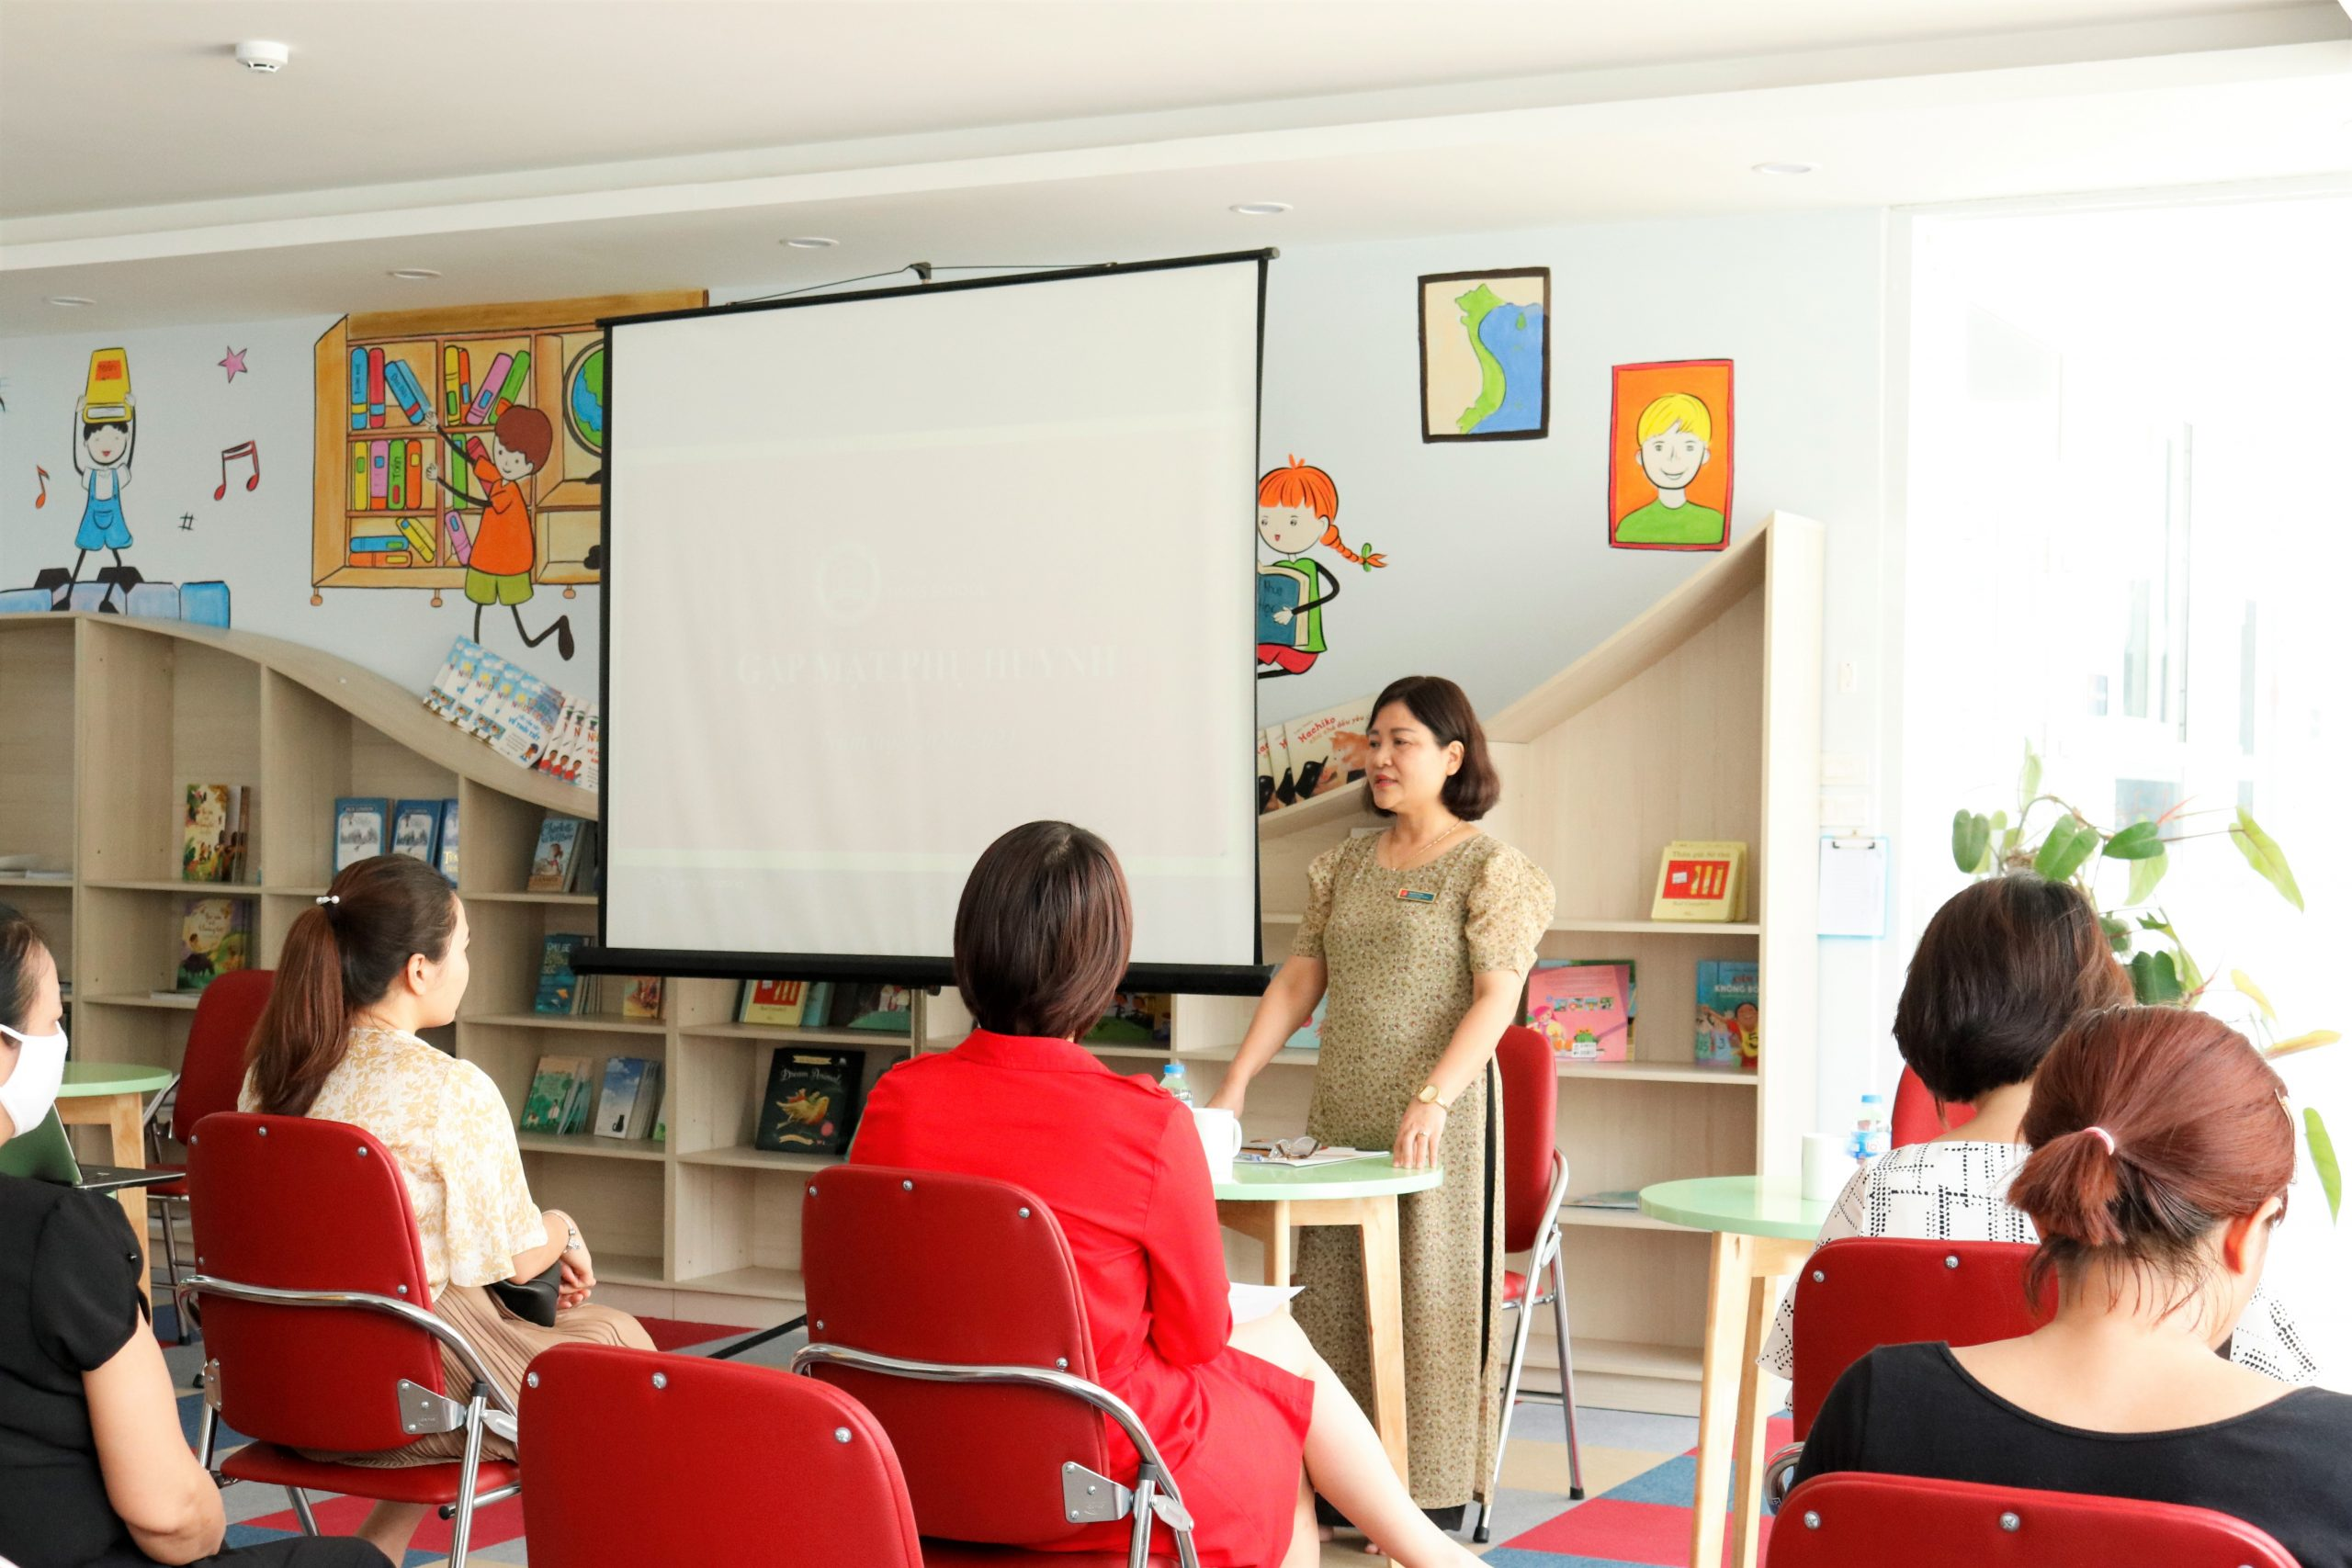 TIMES SCHOOL TỔ CHỨC GẶP MẶT CHA MẸ HỌC SINH ĐẦU NĂM HỌC 2020-2021